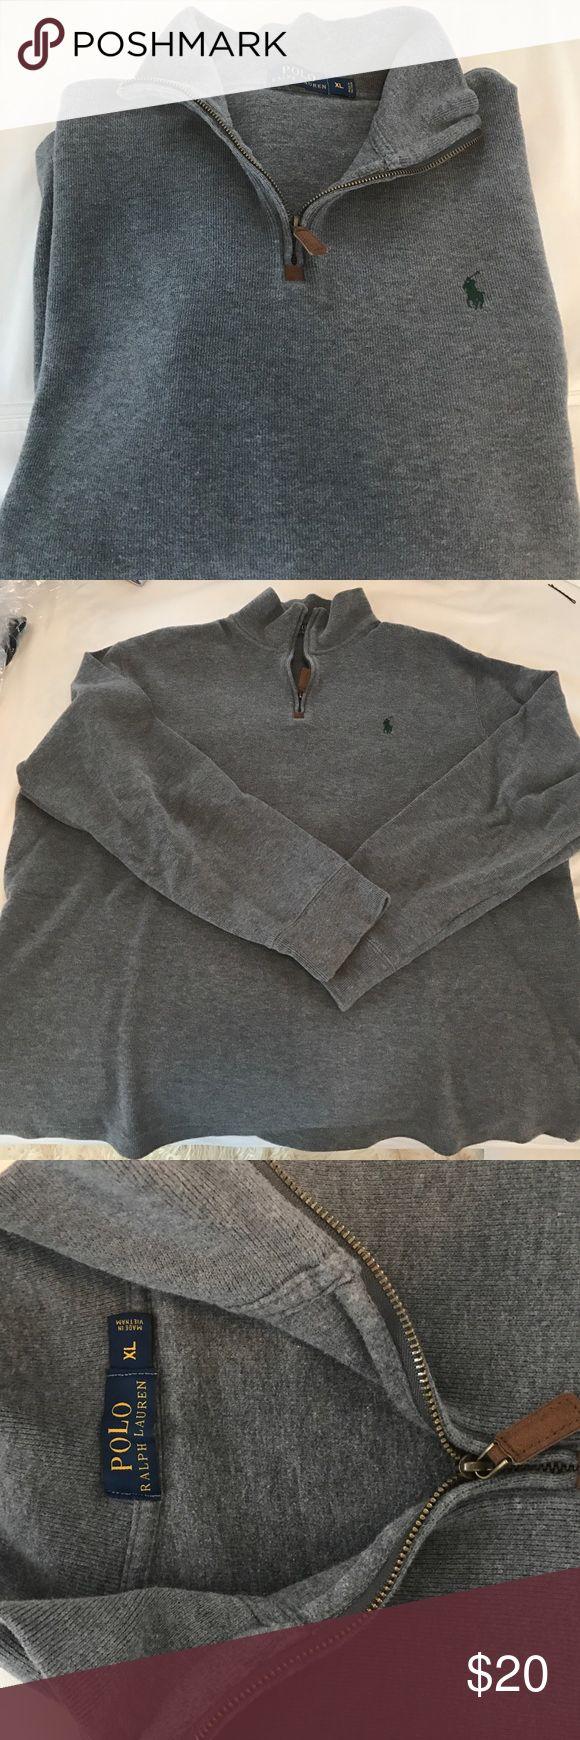 Ralph Lauren Polo Half Zip Sweater Gray (green horse) Ralph Lauren Polo Half Zip Sweater.  Great condition! 100% cotton. Polo by Ralph Lauren Sweaters Zip Up